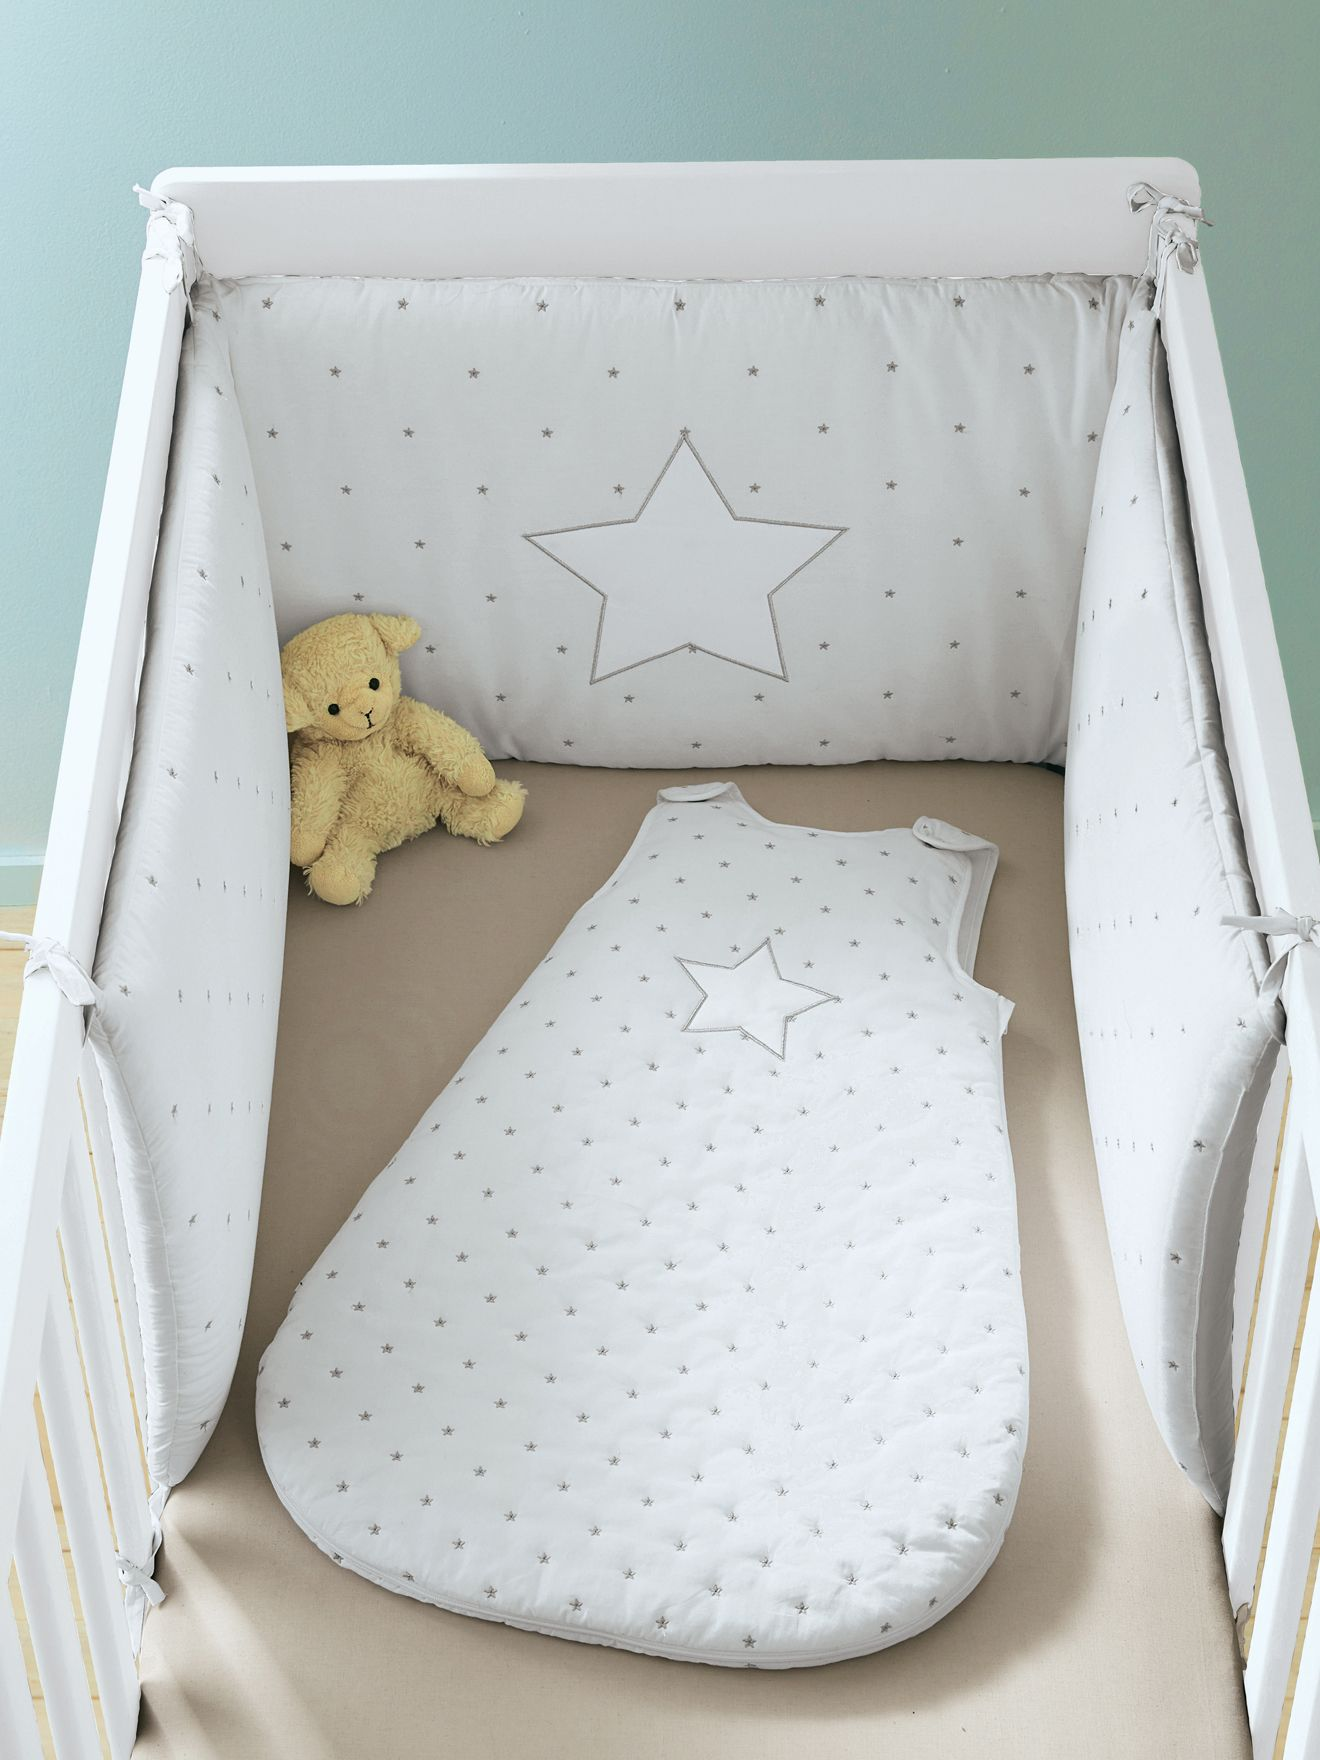 parure lot de 2 draps housses b b collection bio tour de lit en pur coton collection bio. Black Bedroom Furniture Sets. Home Design Ideas